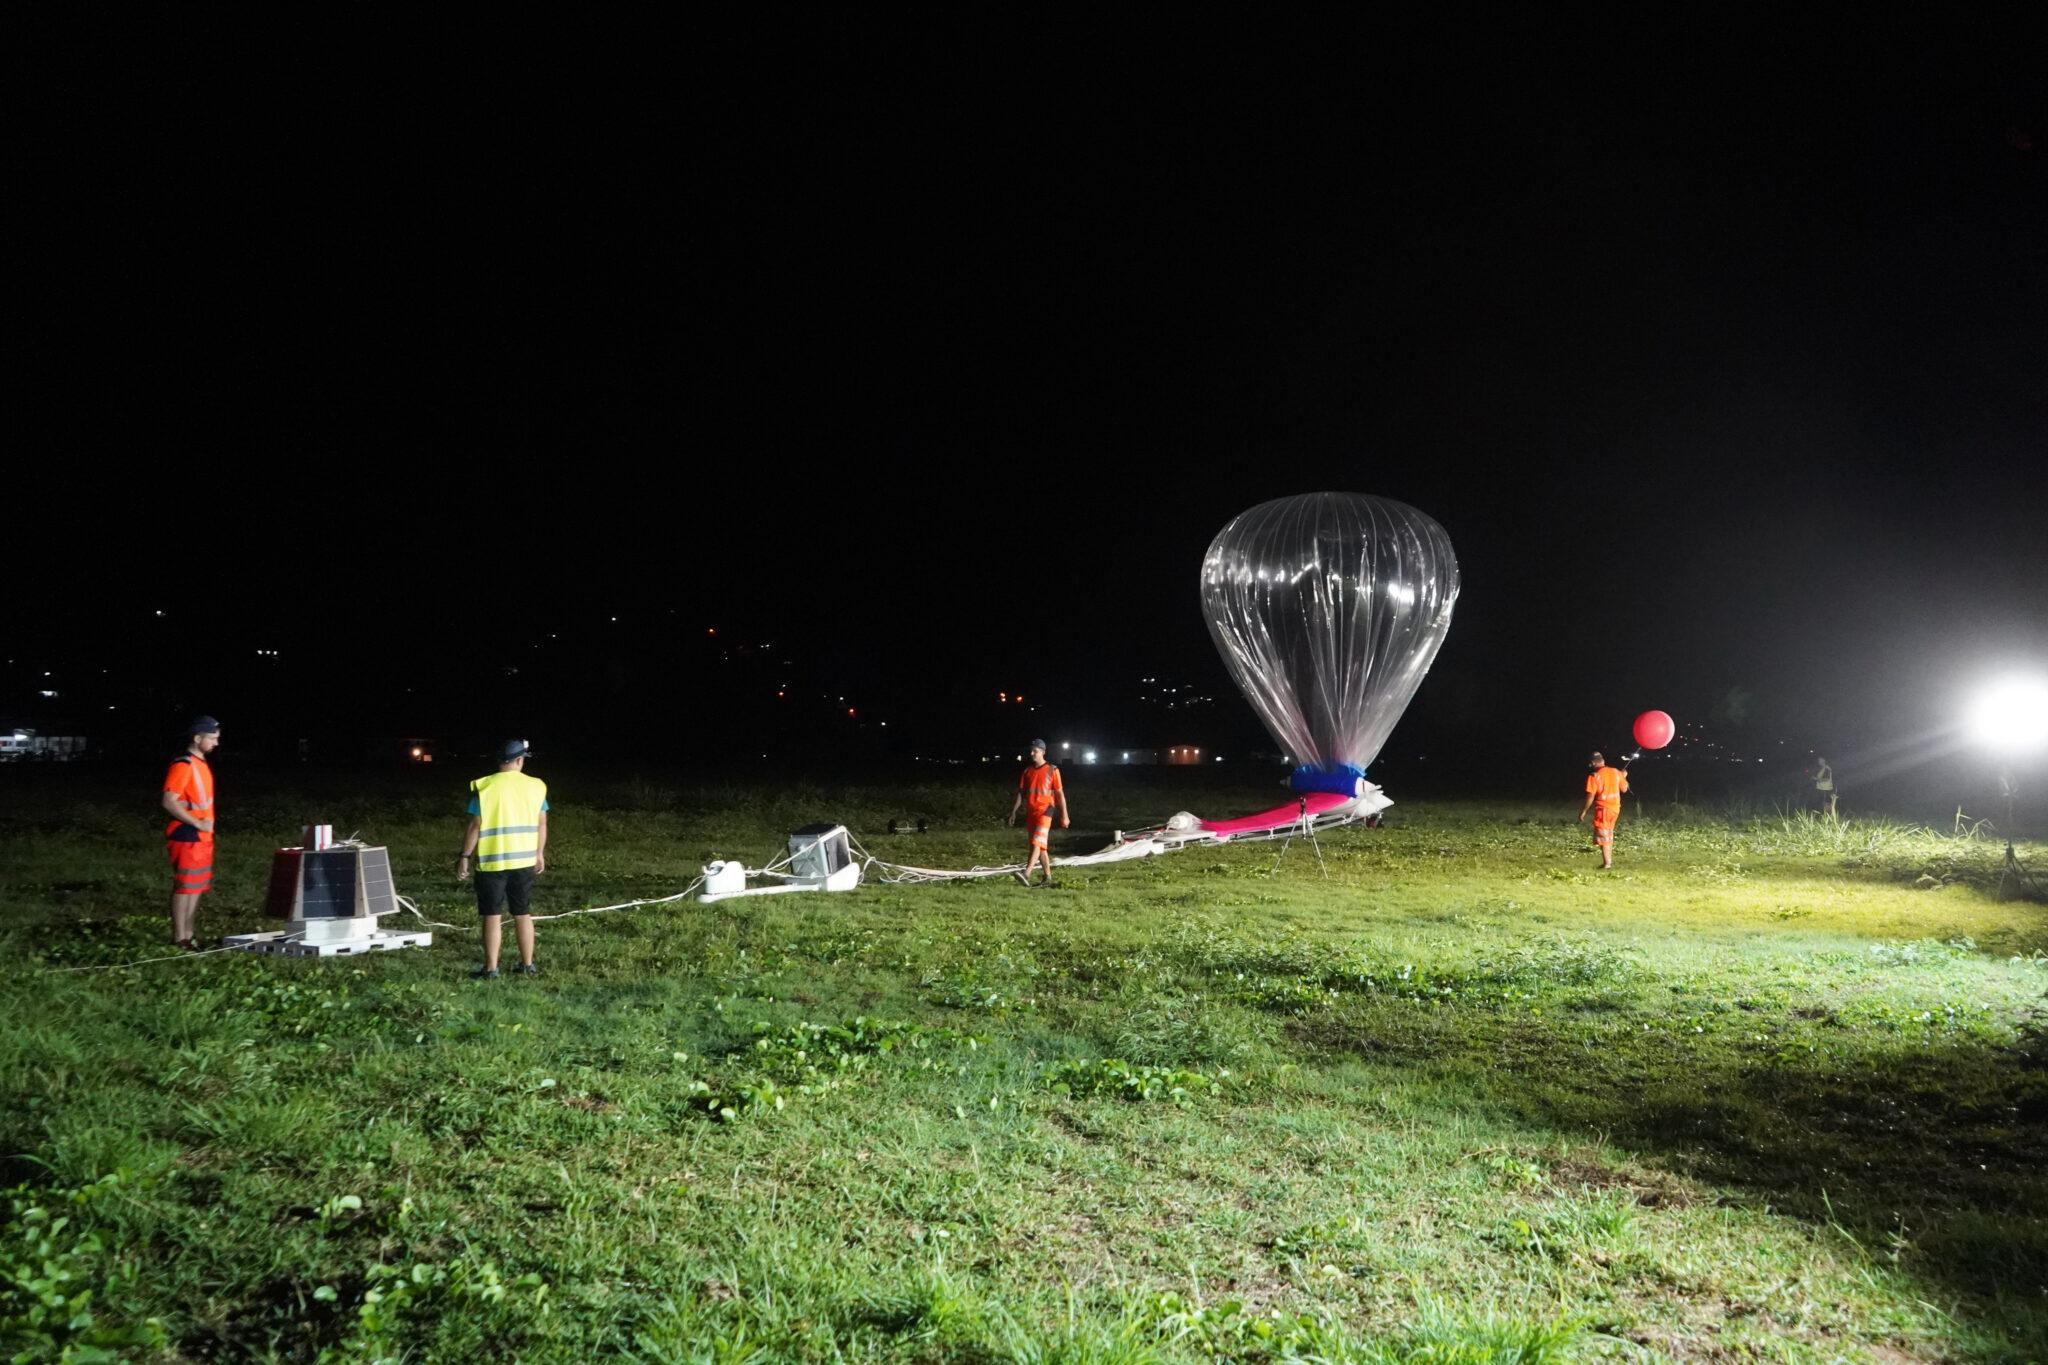 Ein durchsichtiger grosser Ballon nachts auf einer Wiese.